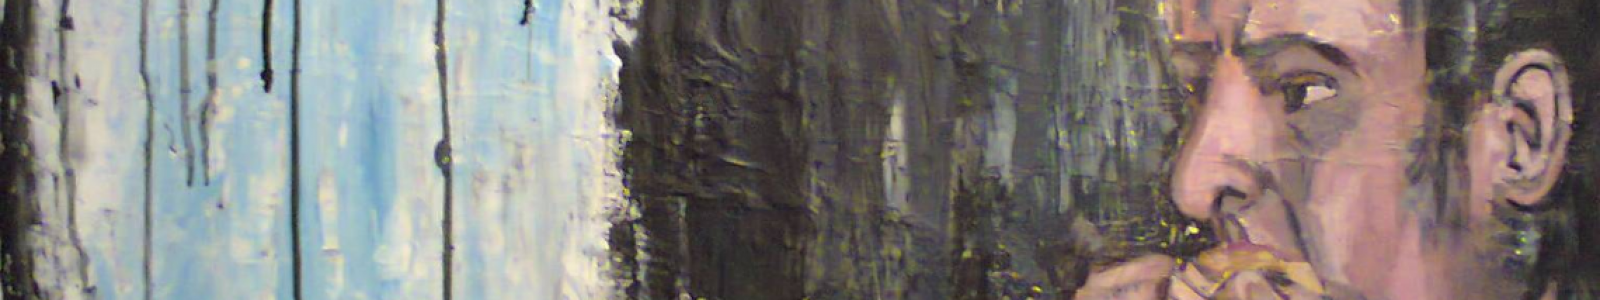 Gallery Painter Kanat Bukezhanov